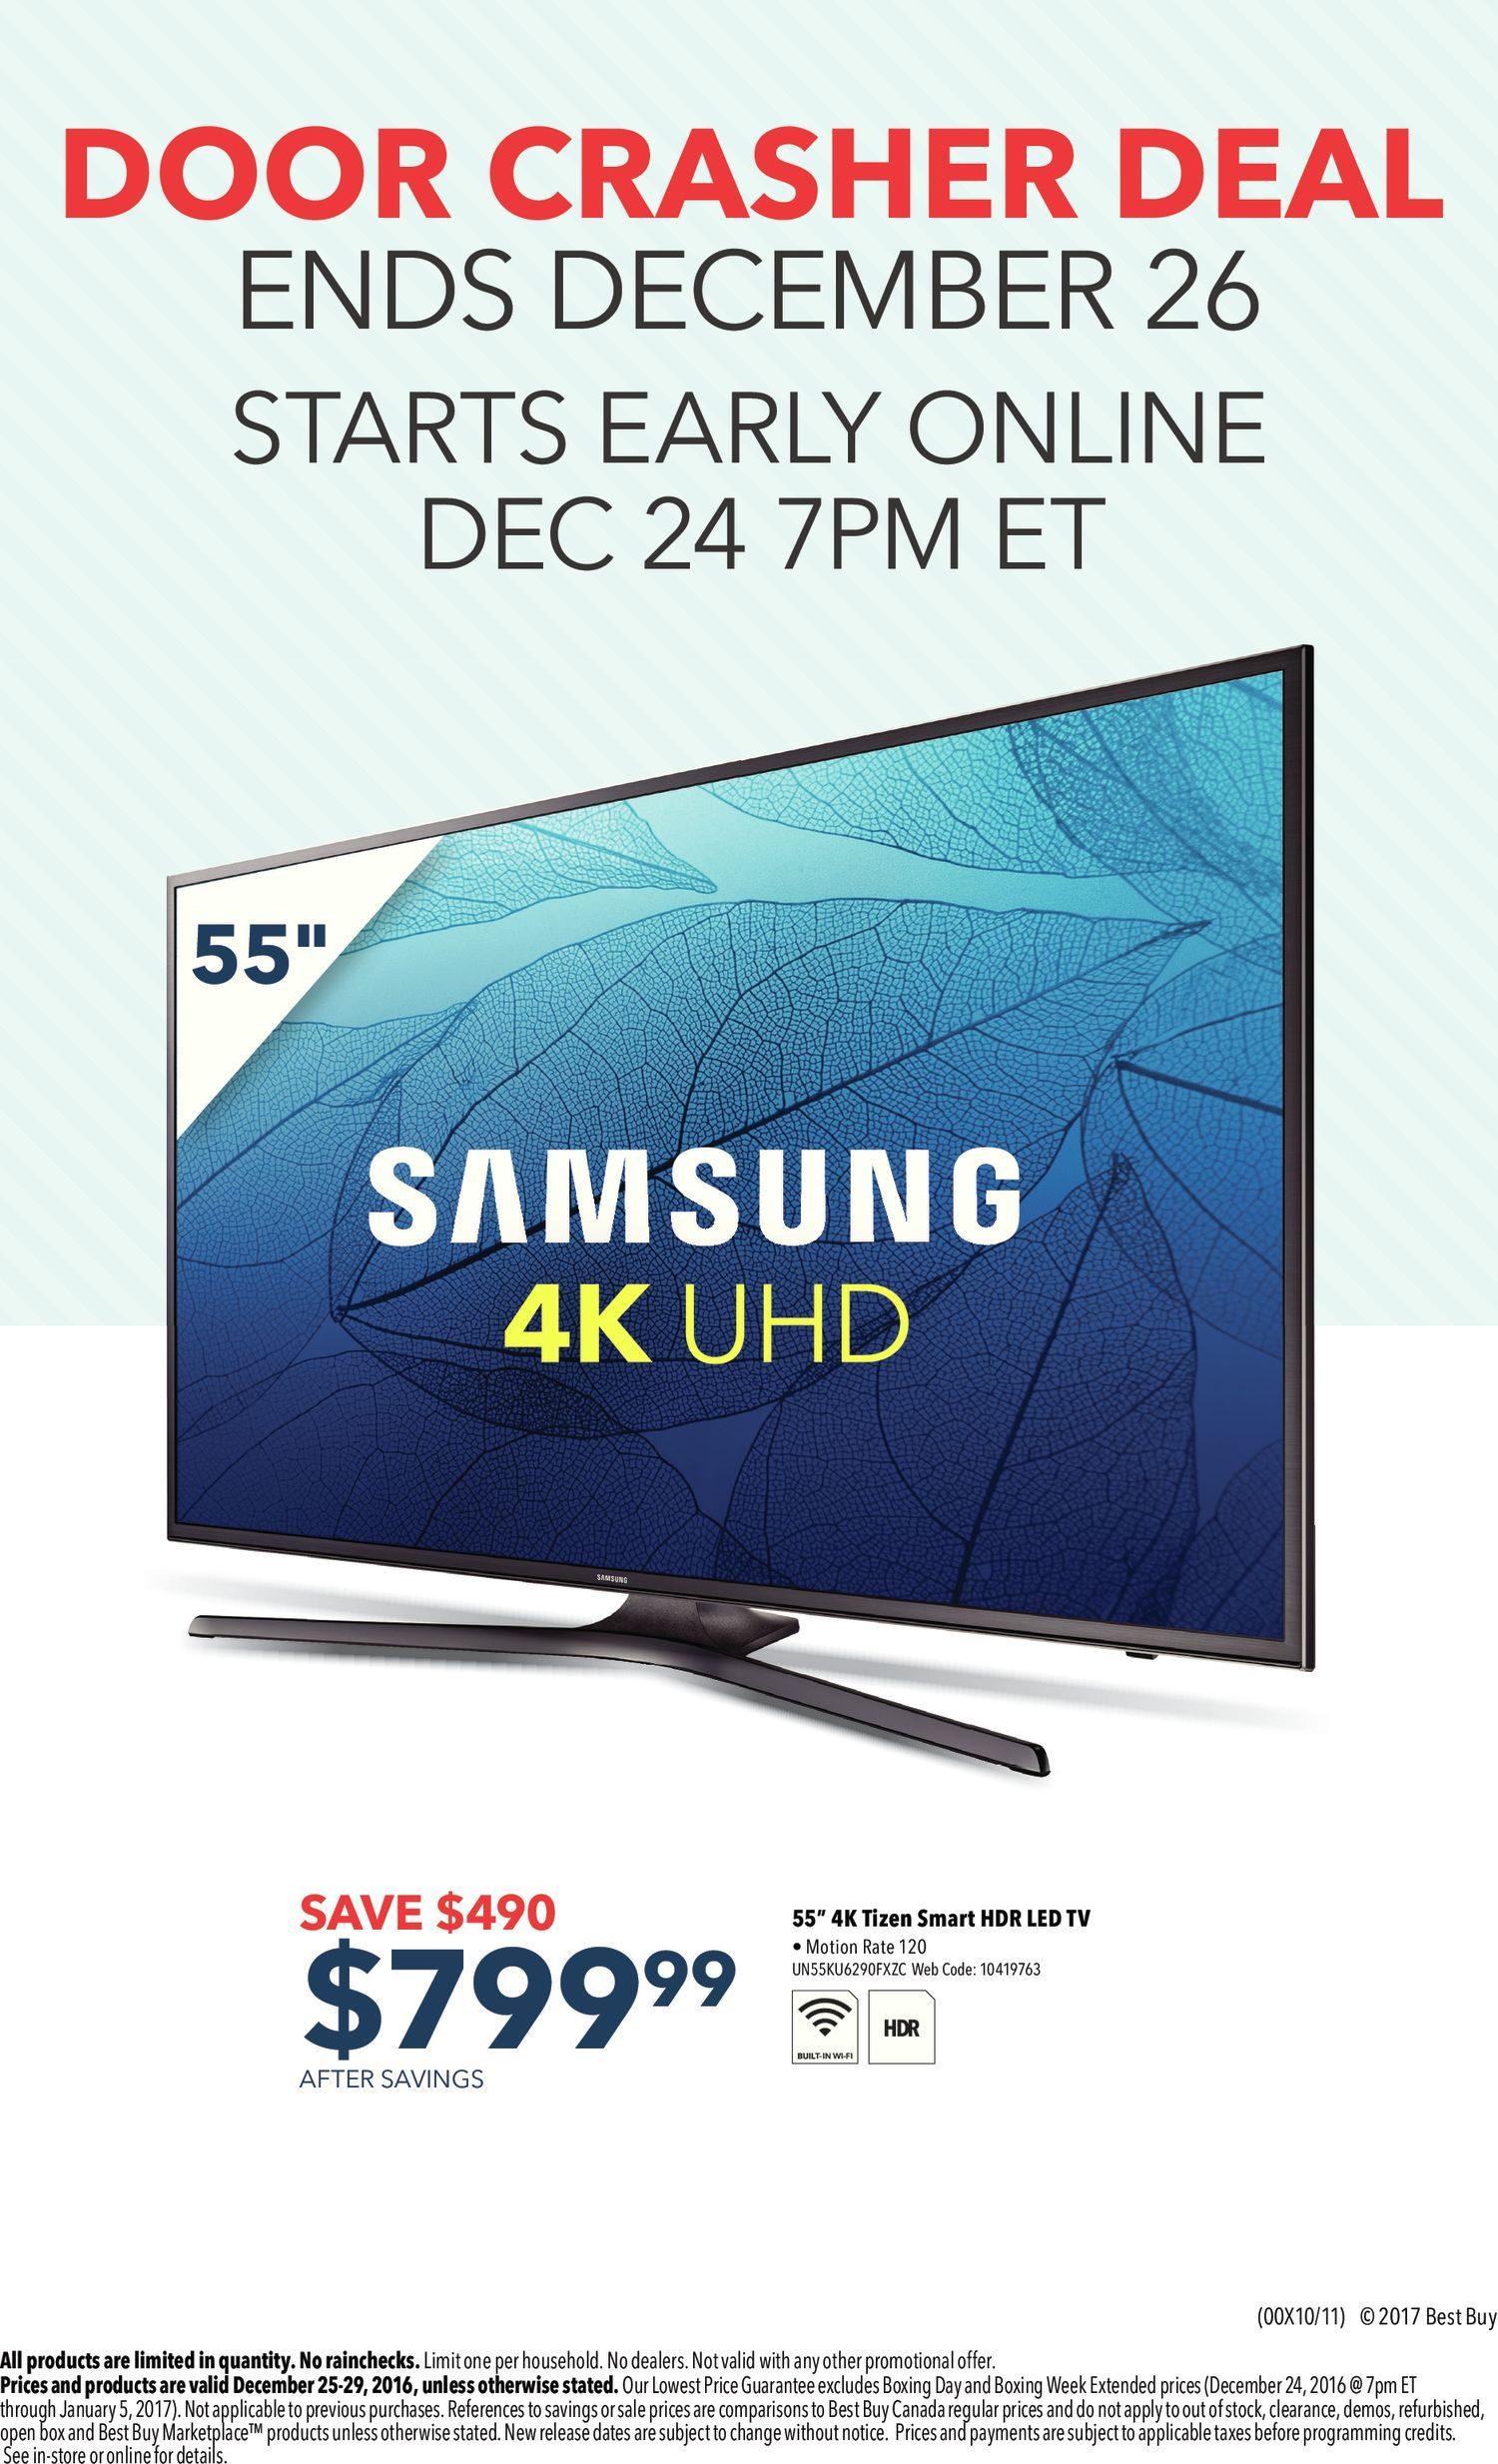 Best Buy Weekly Flyer - Boxing Day Sale - Dec 25 – 29 - RedFlagDeals.com